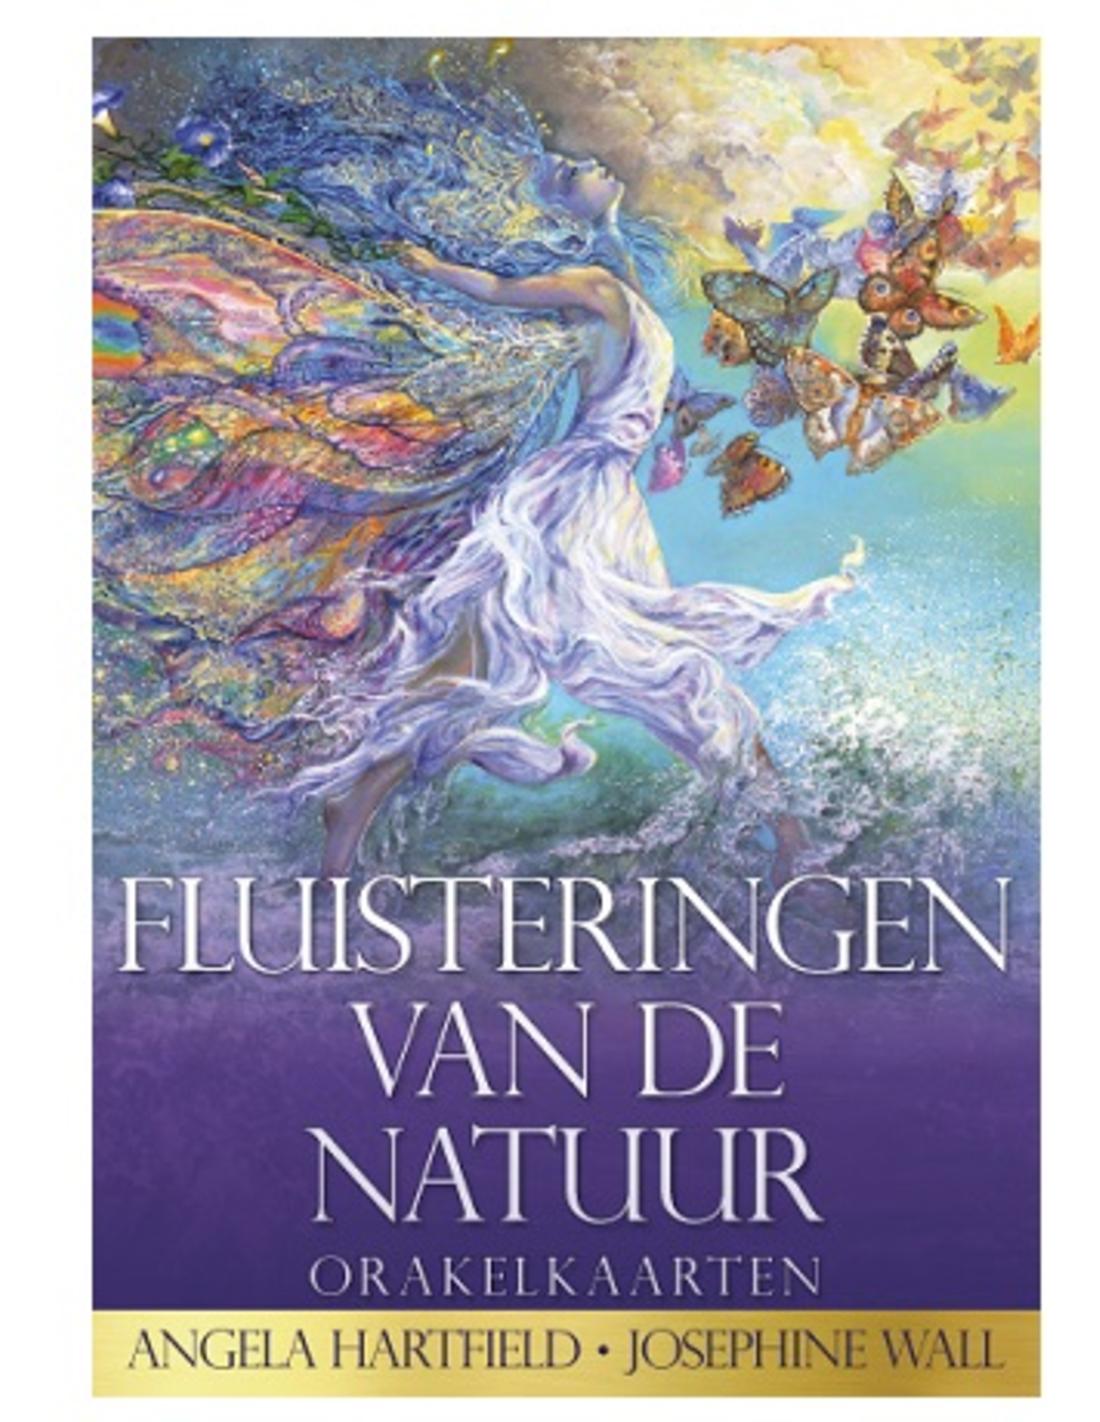 Fluisteringen van de natuur, kaarten